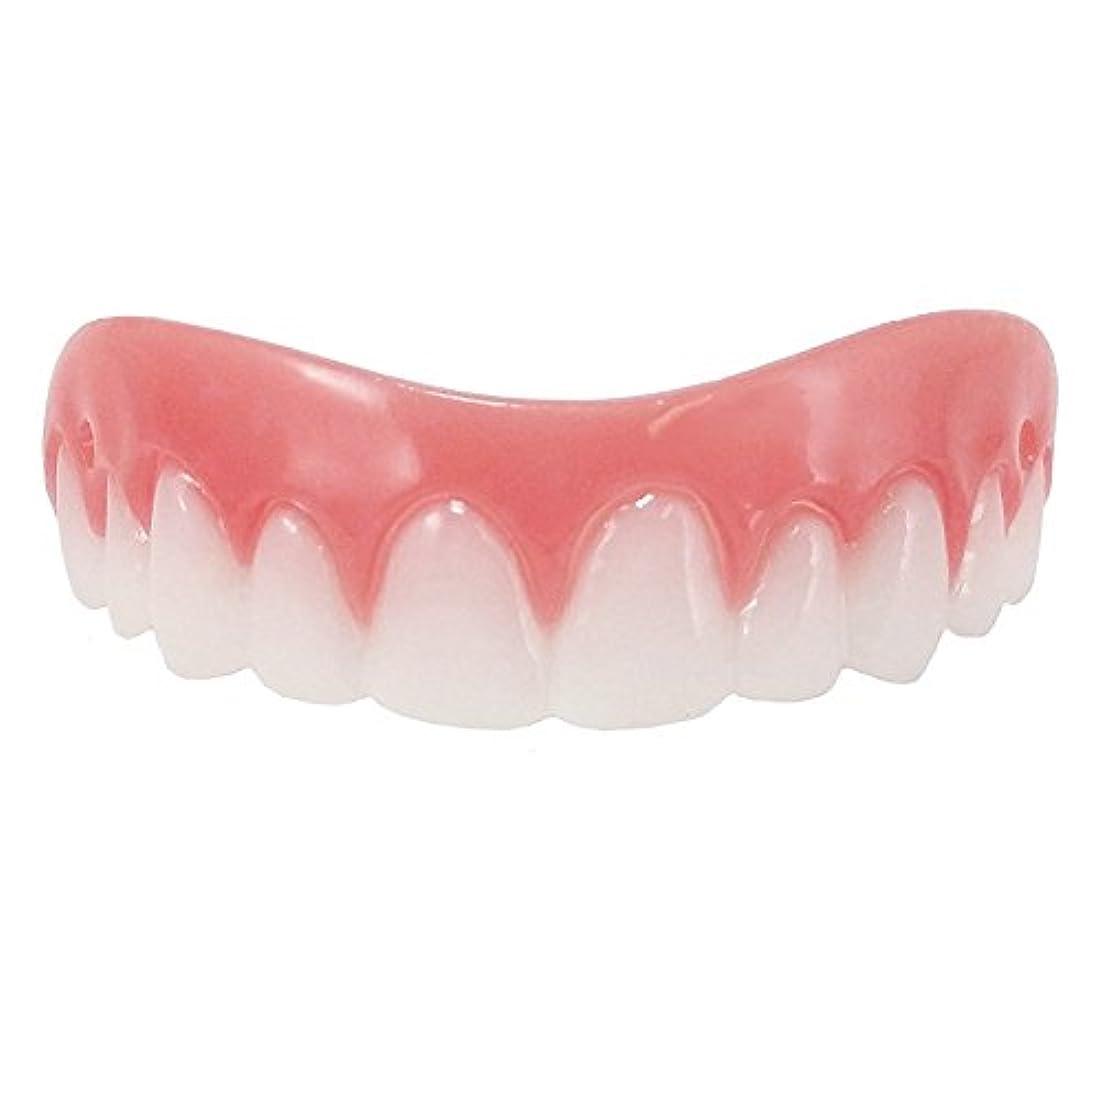 までポスターモーテルシリコン義歯ペースト 美容用 入れ歯 上歯 下歯2個セット (free size)